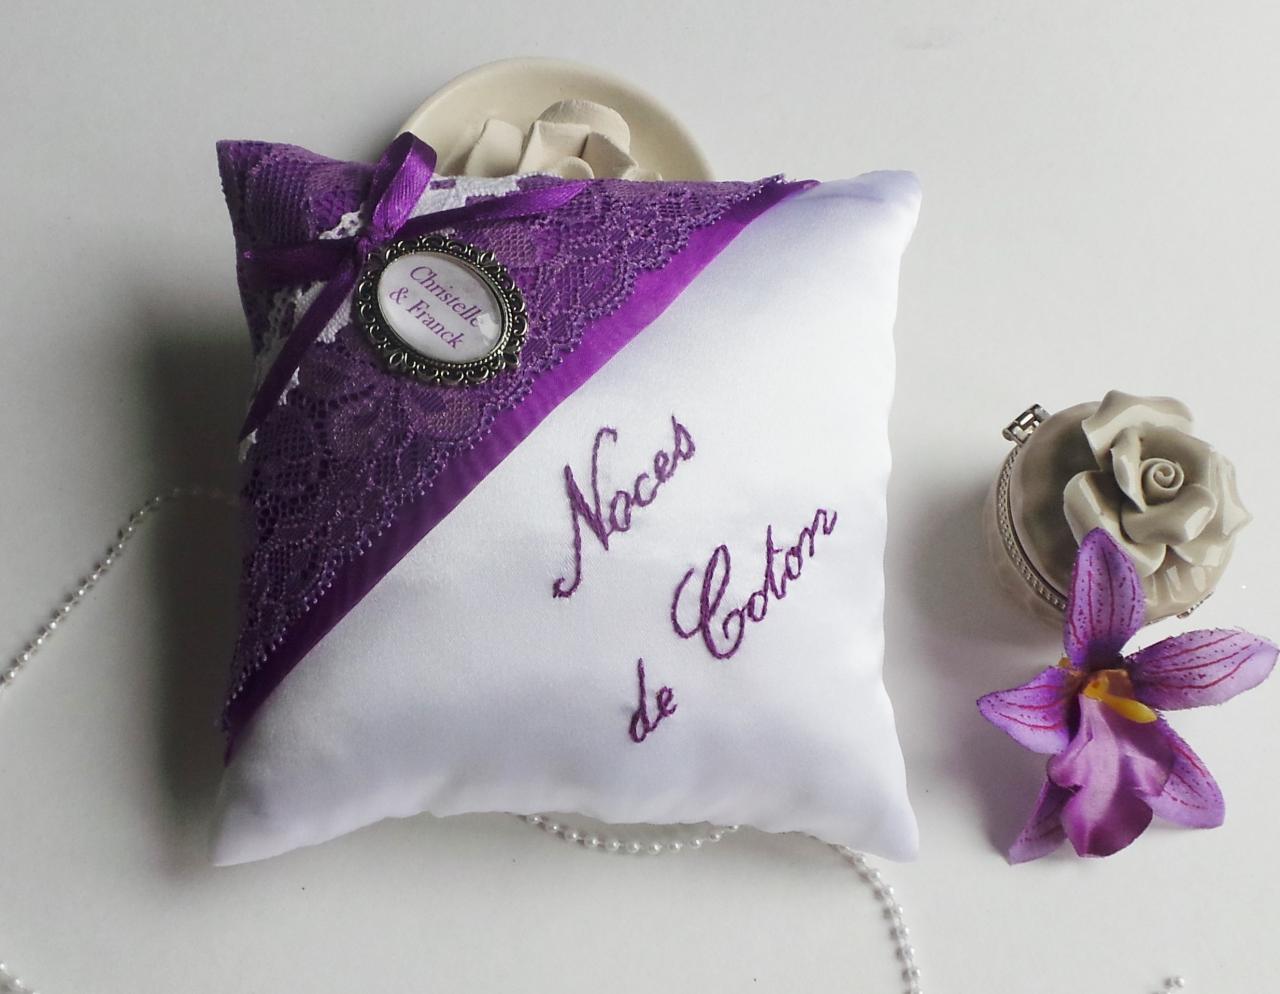 coussin alliances violet prune noces de coton